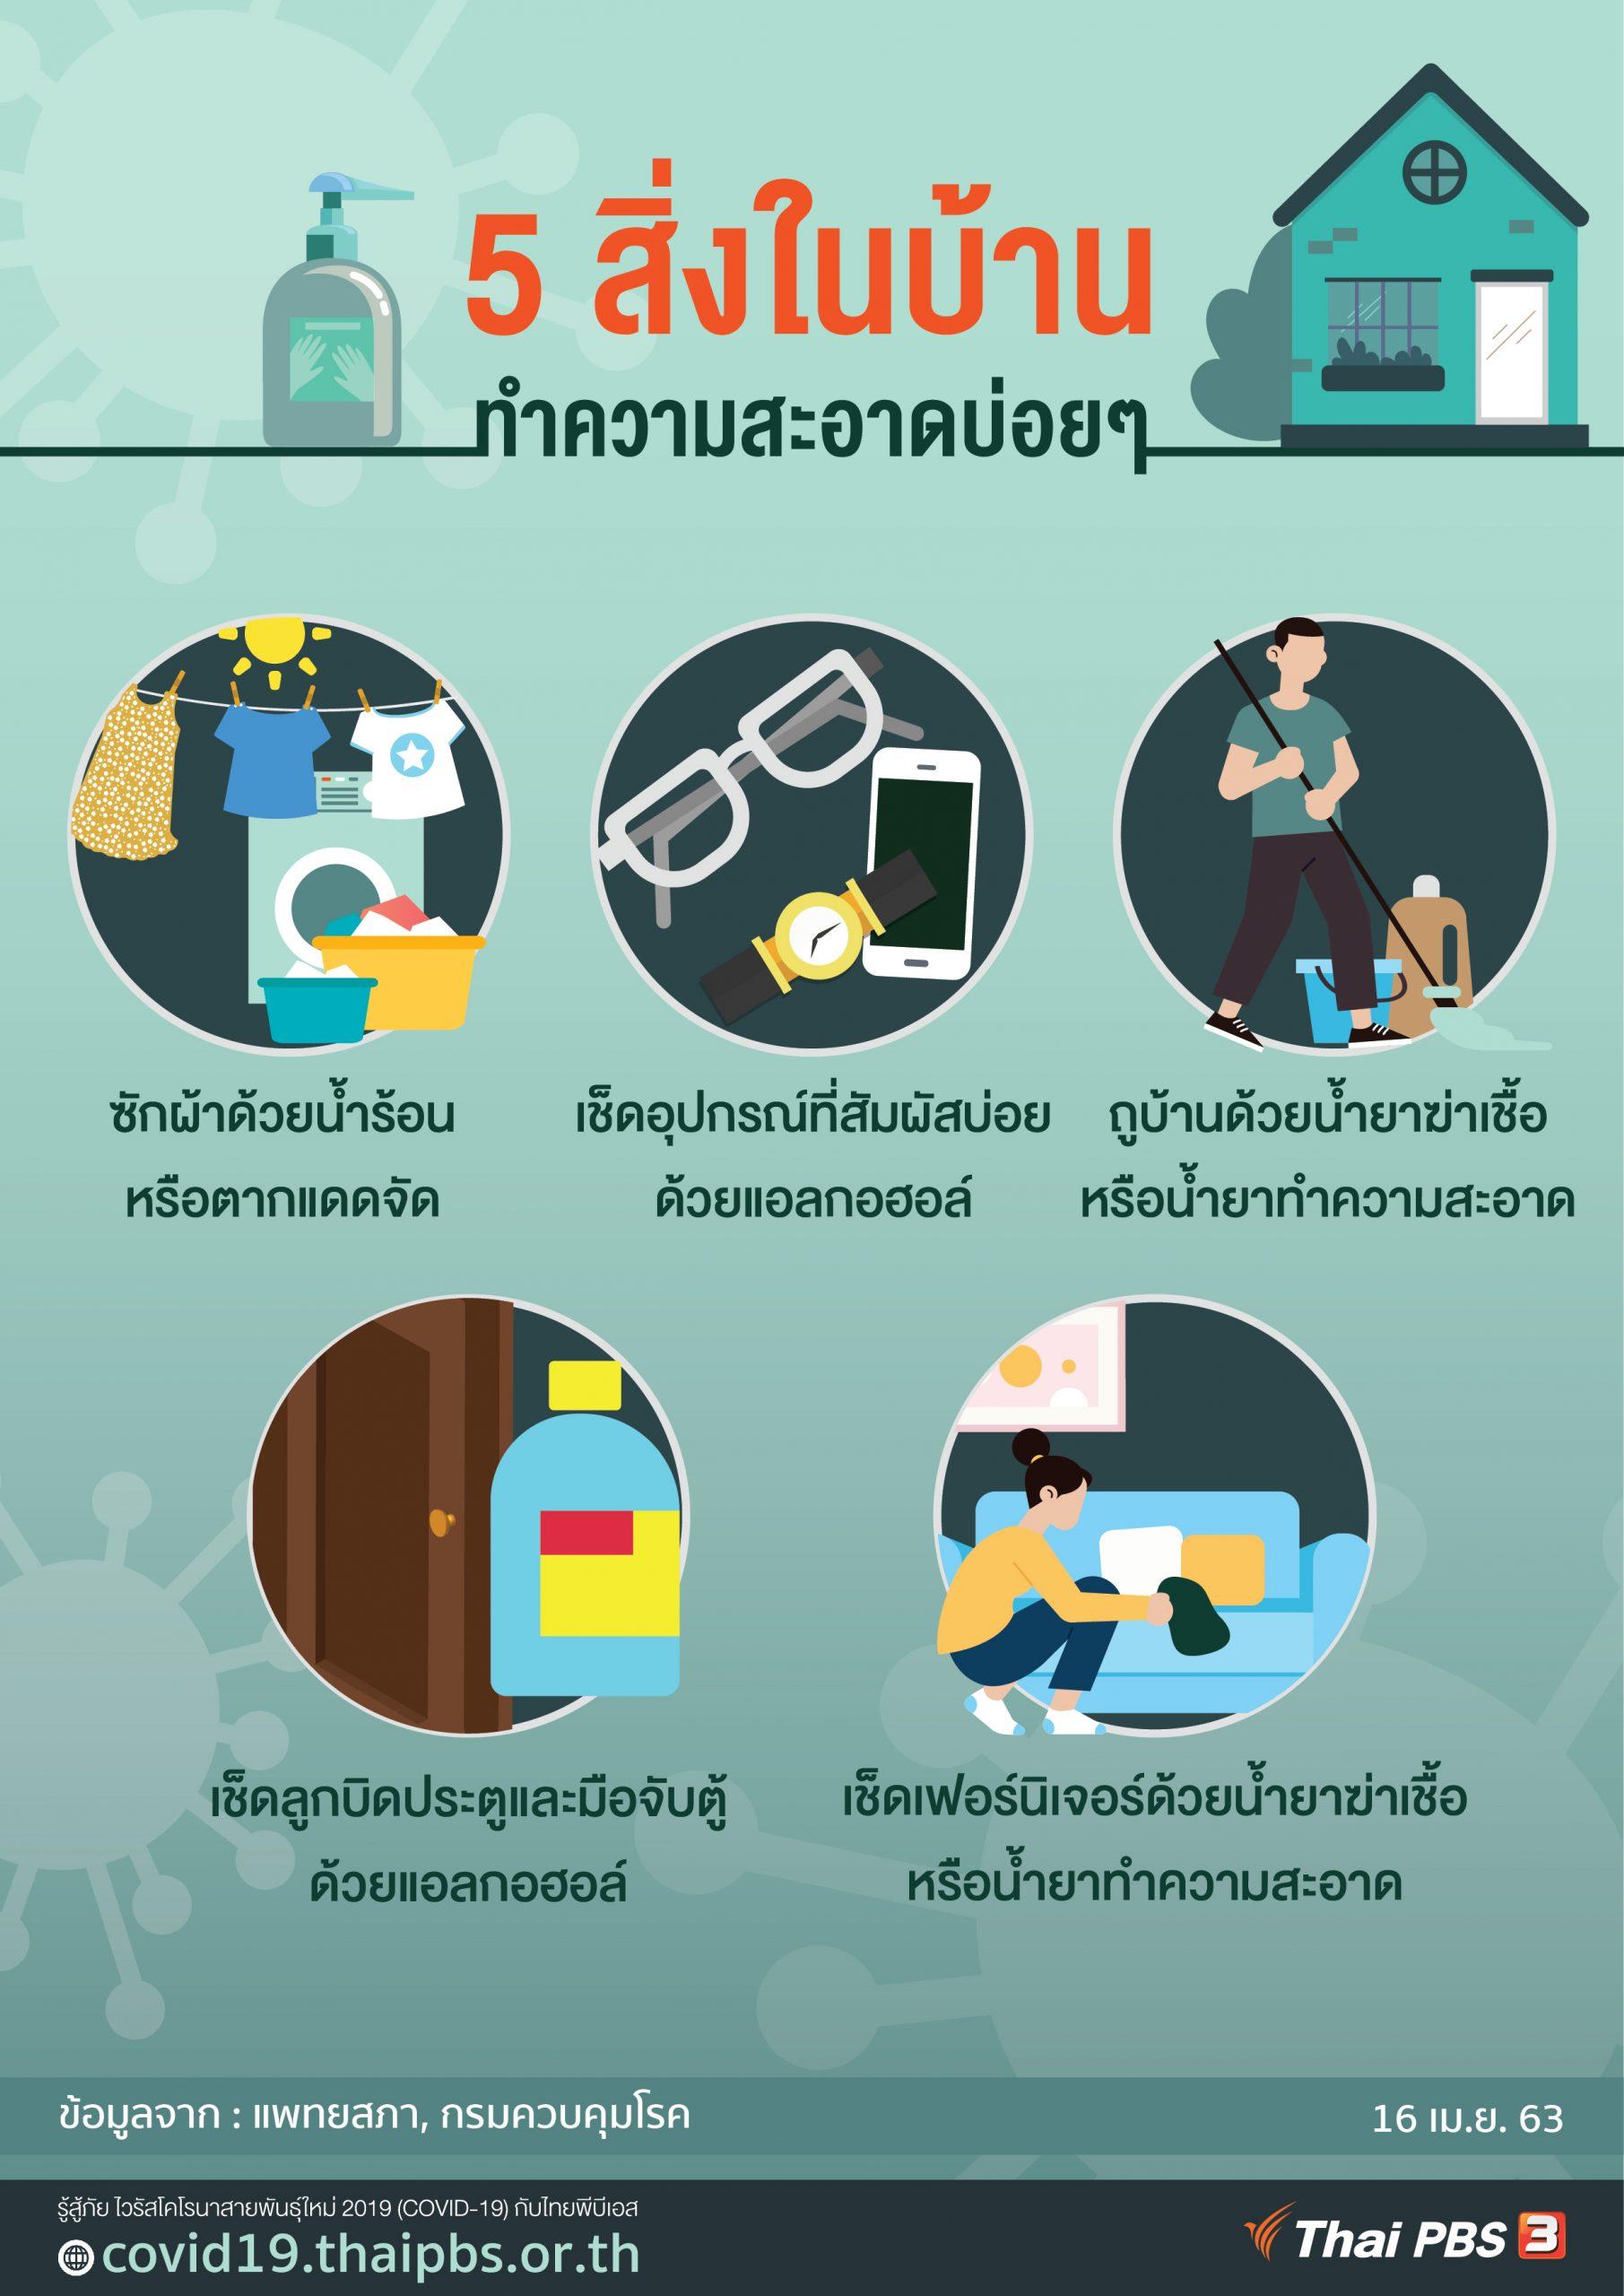 5 สิ่งในบ้านควรทำความสะอาดบ่อย ๆ